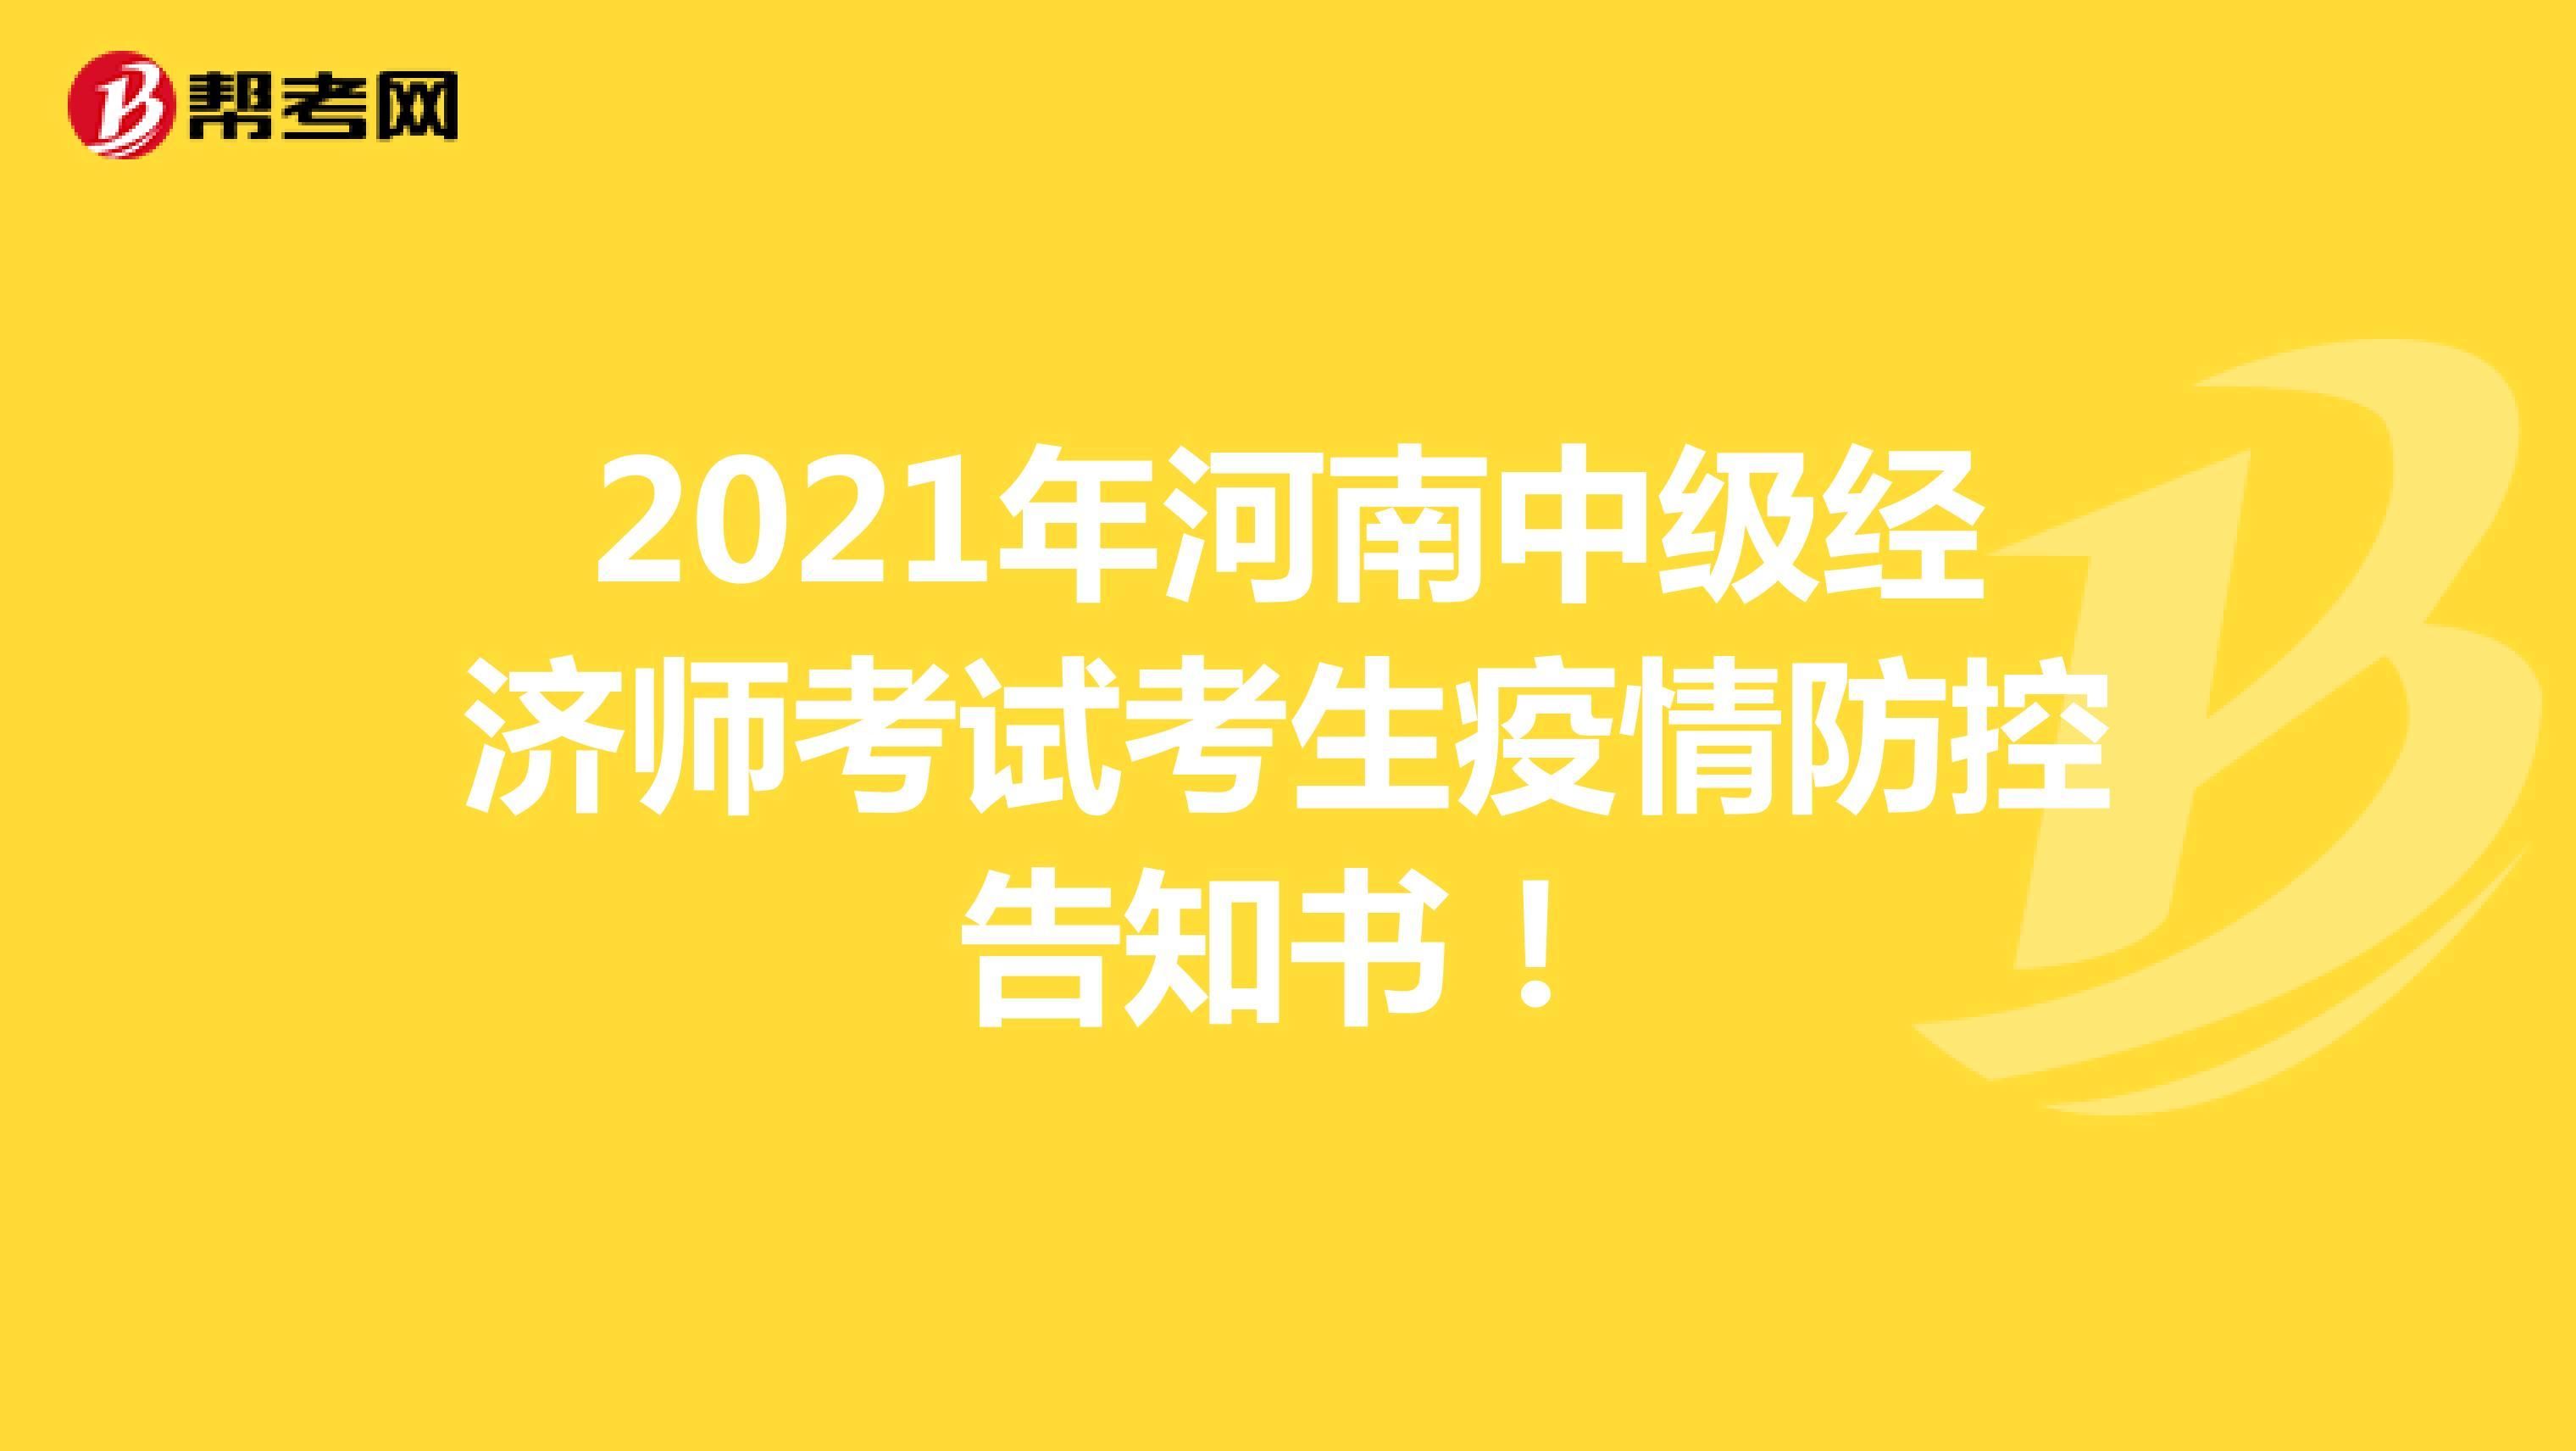 2021年河南中级经济师考试考生疫情防控告知书!